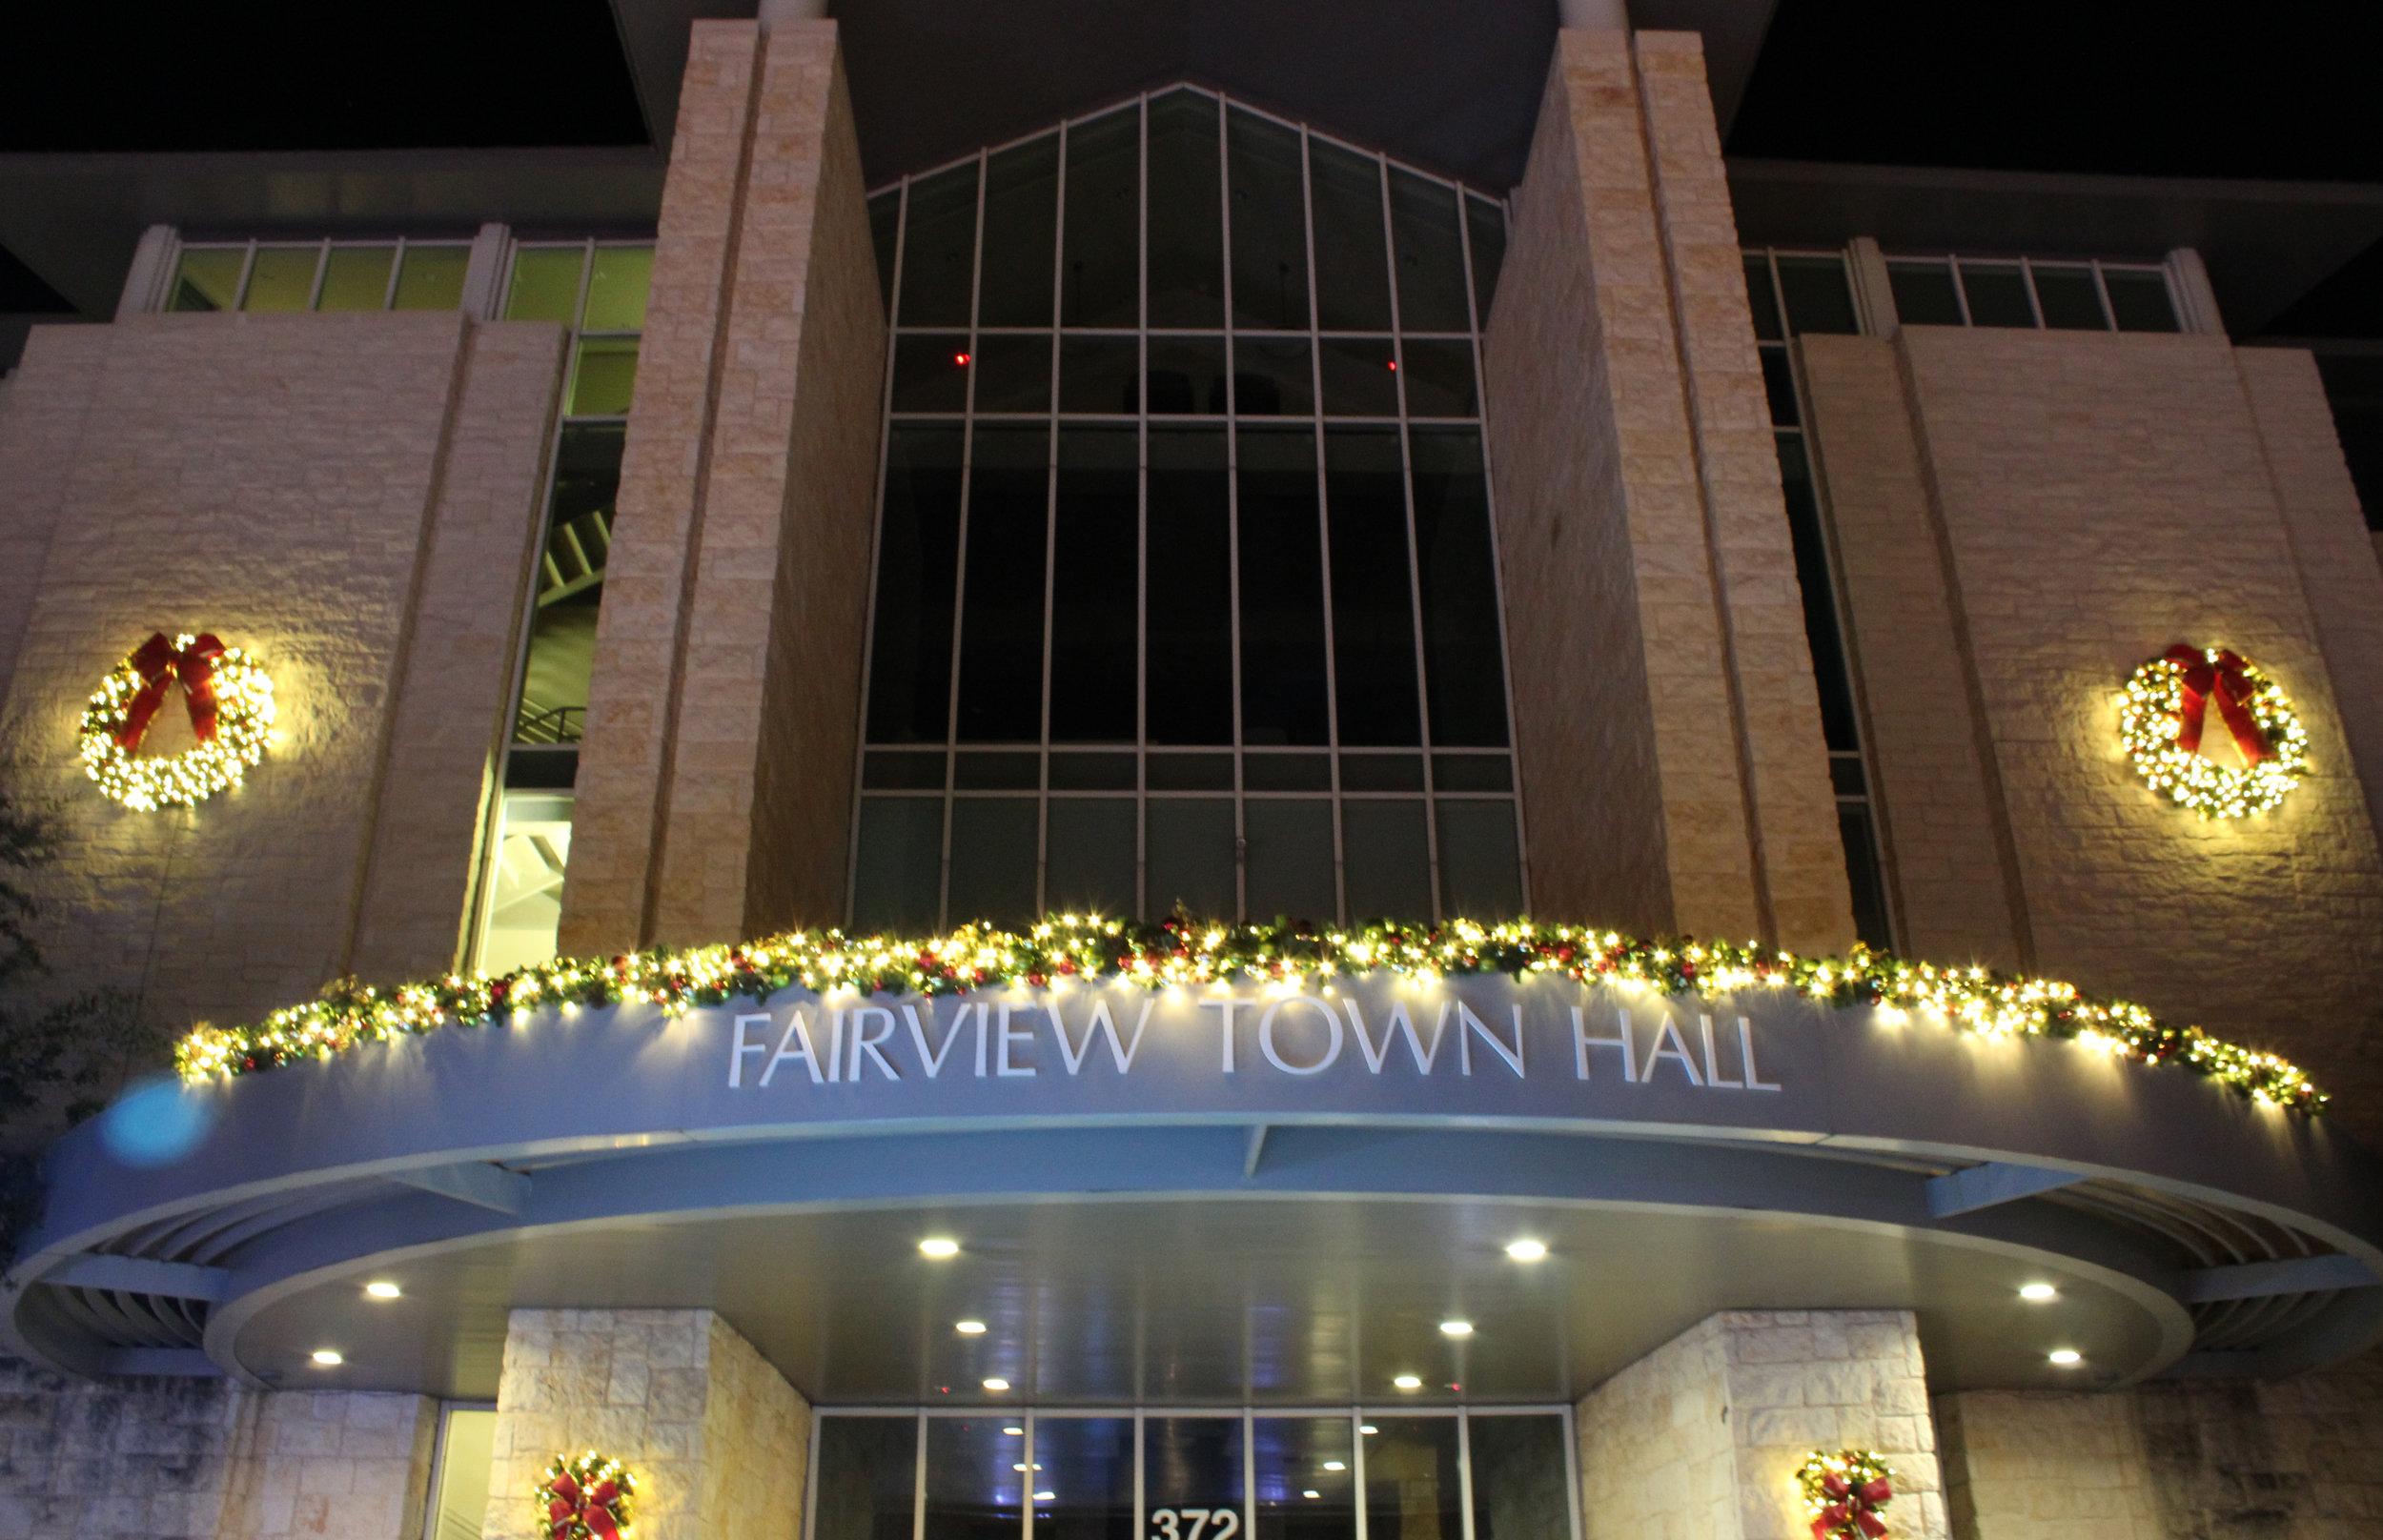 Fairview Christmas city hall.jpg